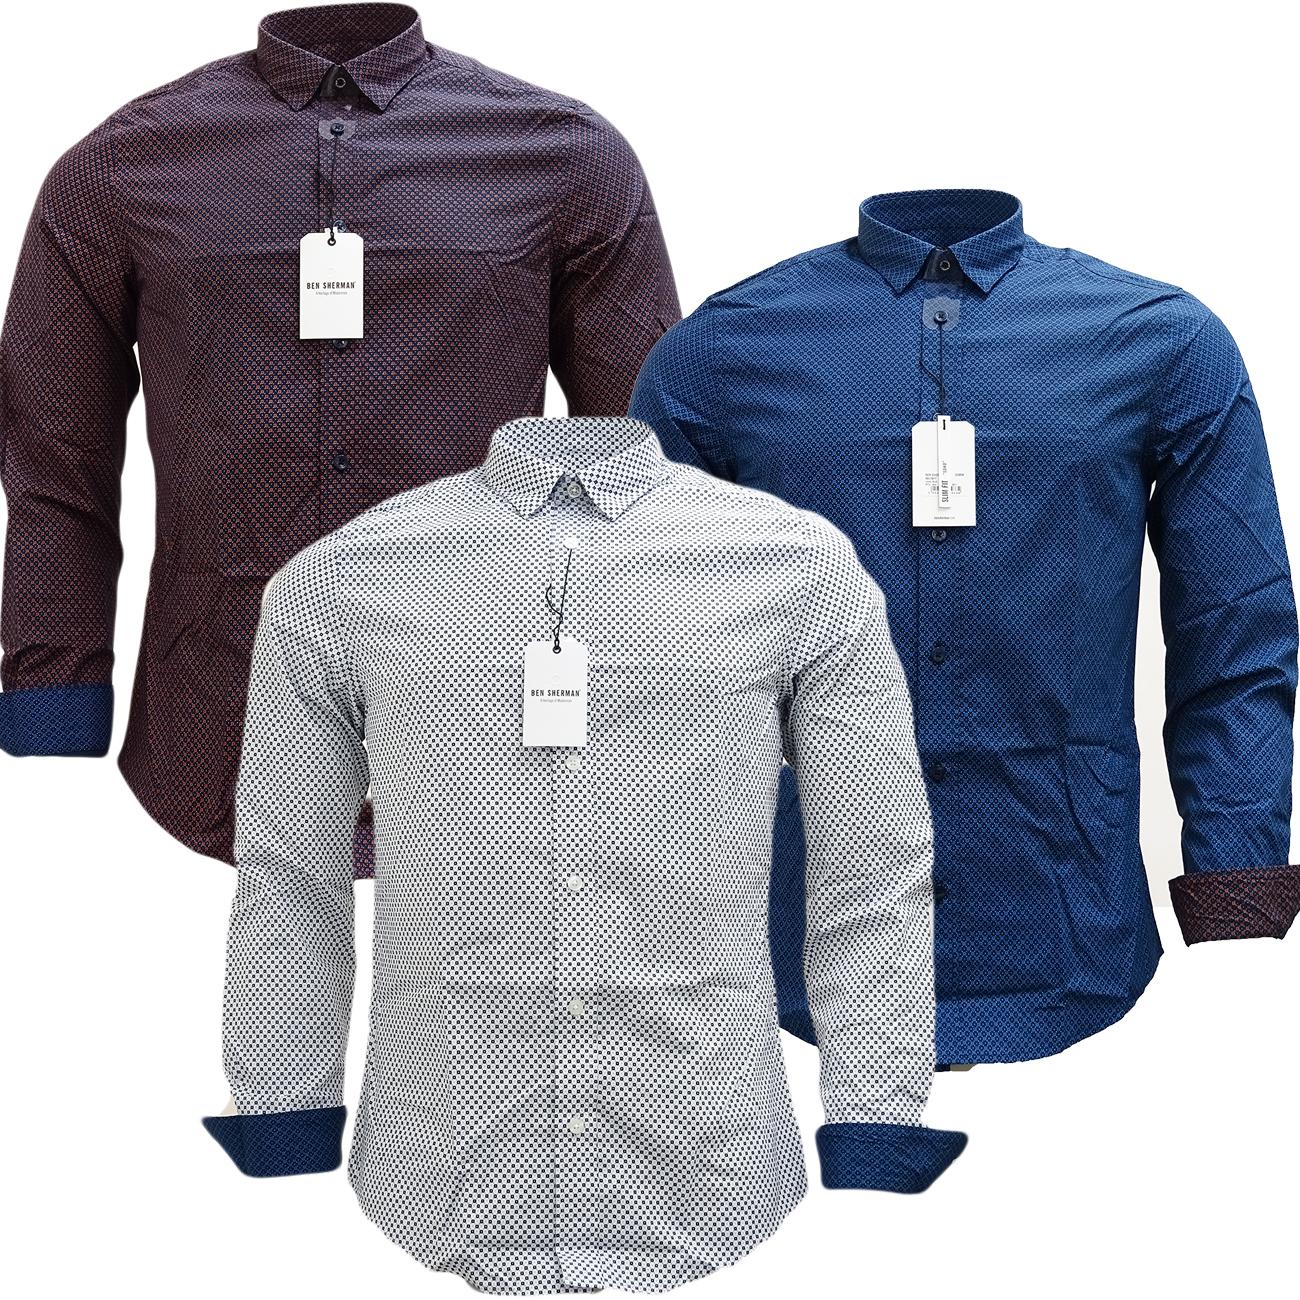 Ben dress sherman shirts photos